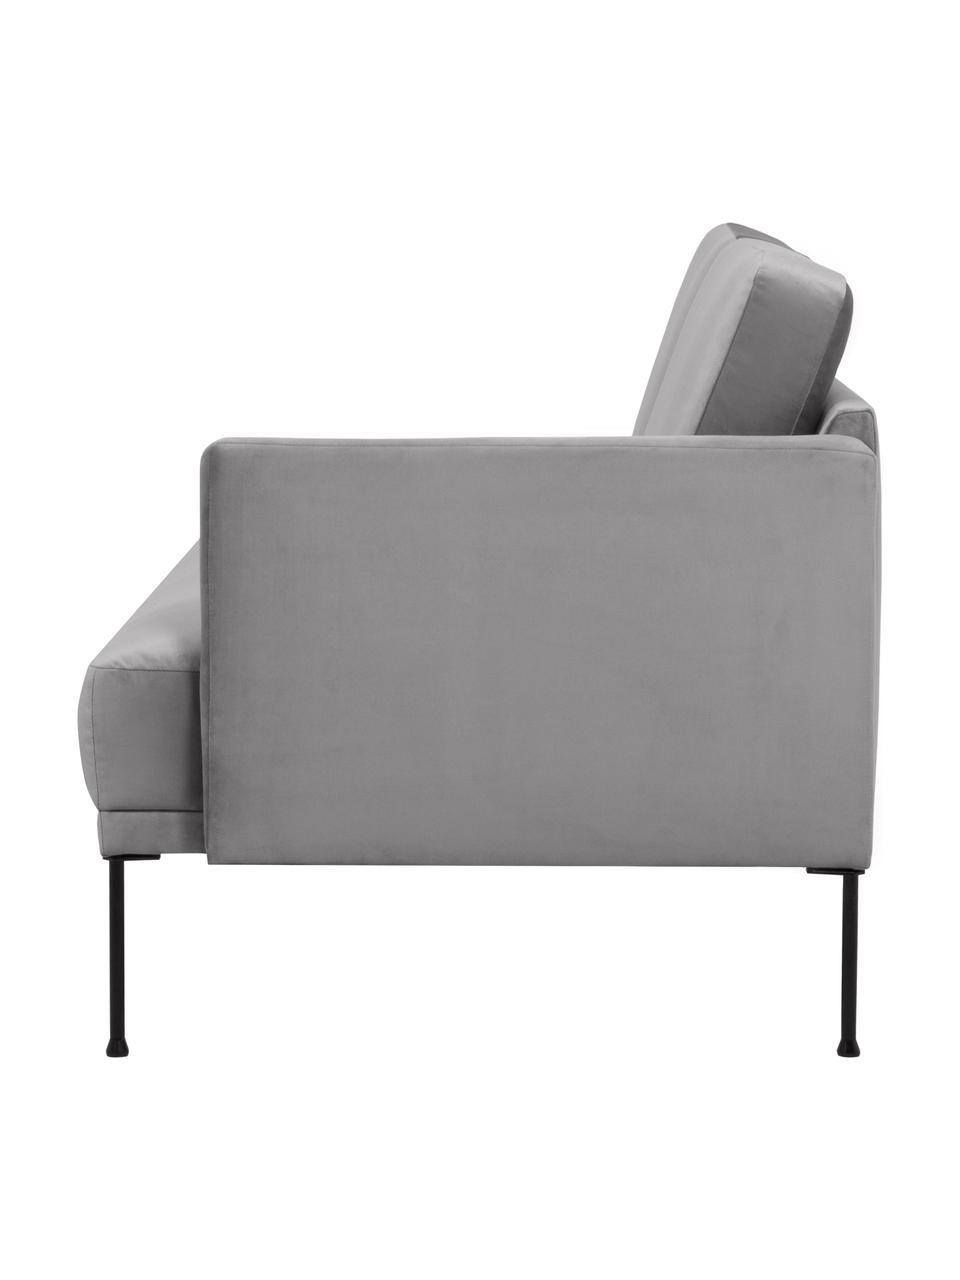 Chaise longue in grigio chiaro Fluente, Rivestimento: velluto (rivestimento in , Struttura: legno di pino massiccio, Piedini: metallo verniciato a polv, Velluto grigio chiaro, Larg. 202 x Alt. 79 cm